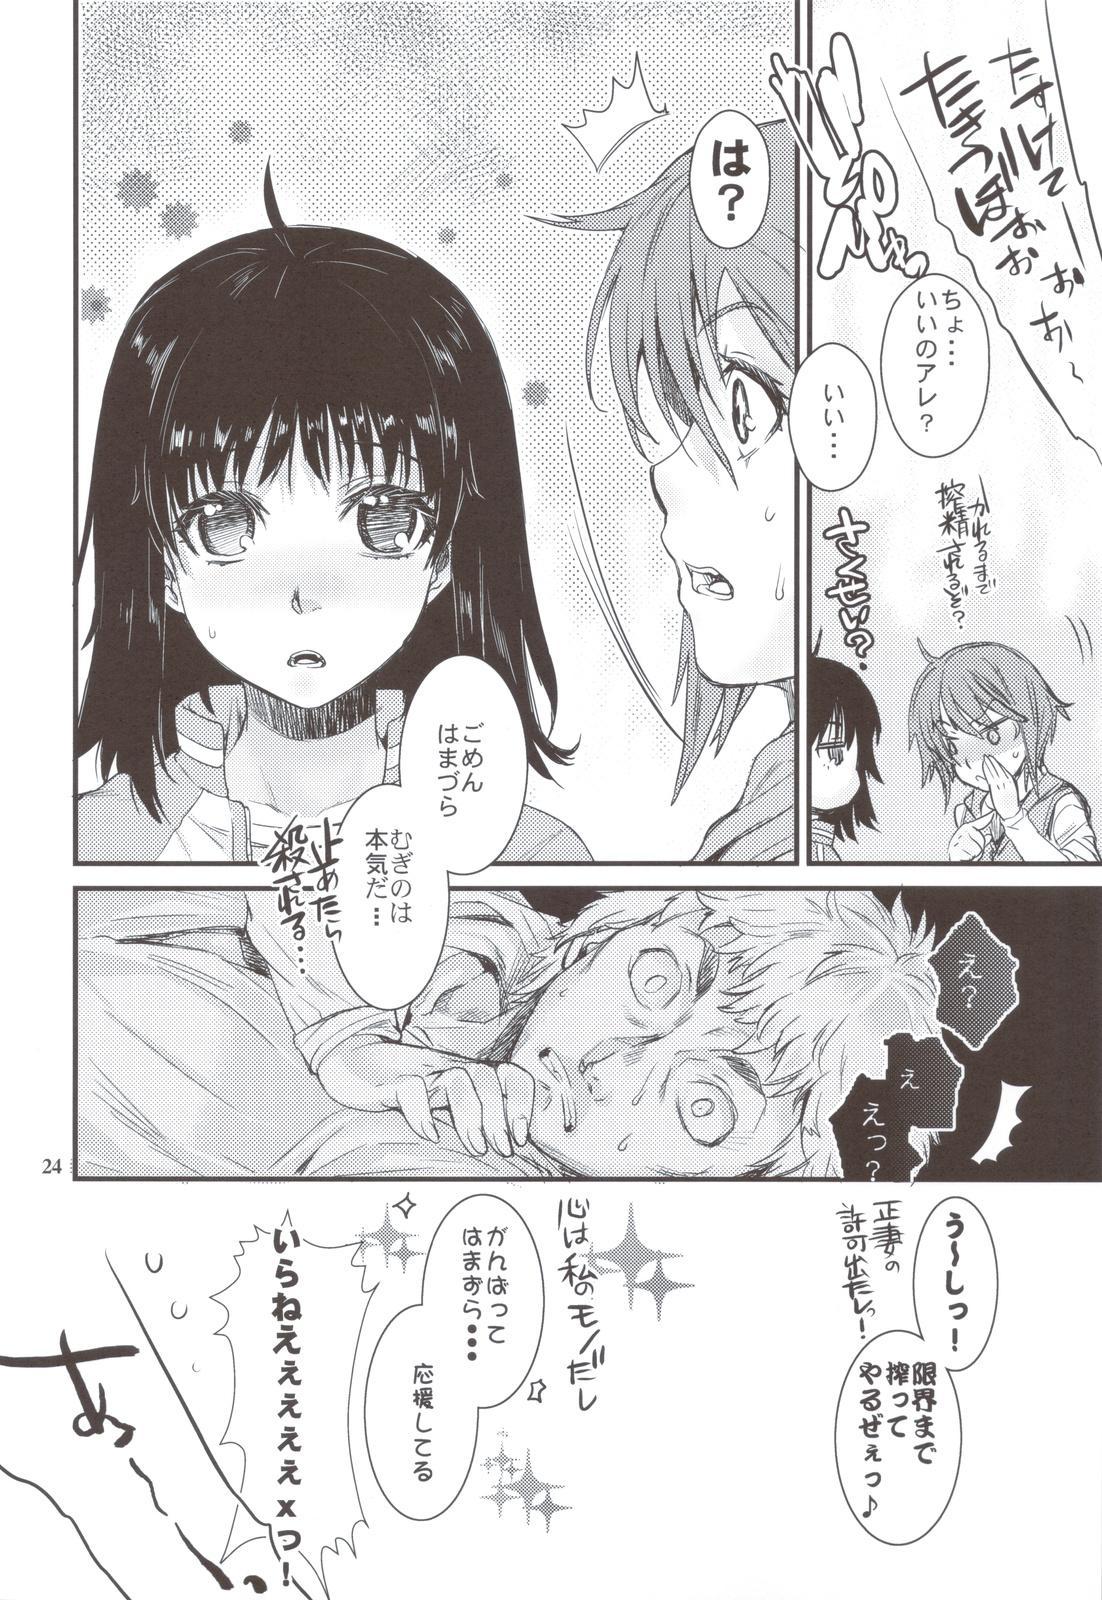 (C83) [Penpengusa Club (Katase Minami)] Toaru Kagaku no Judgement 6 - Onee-sama Search Eye! (Toaru Majutsu no Index) 22